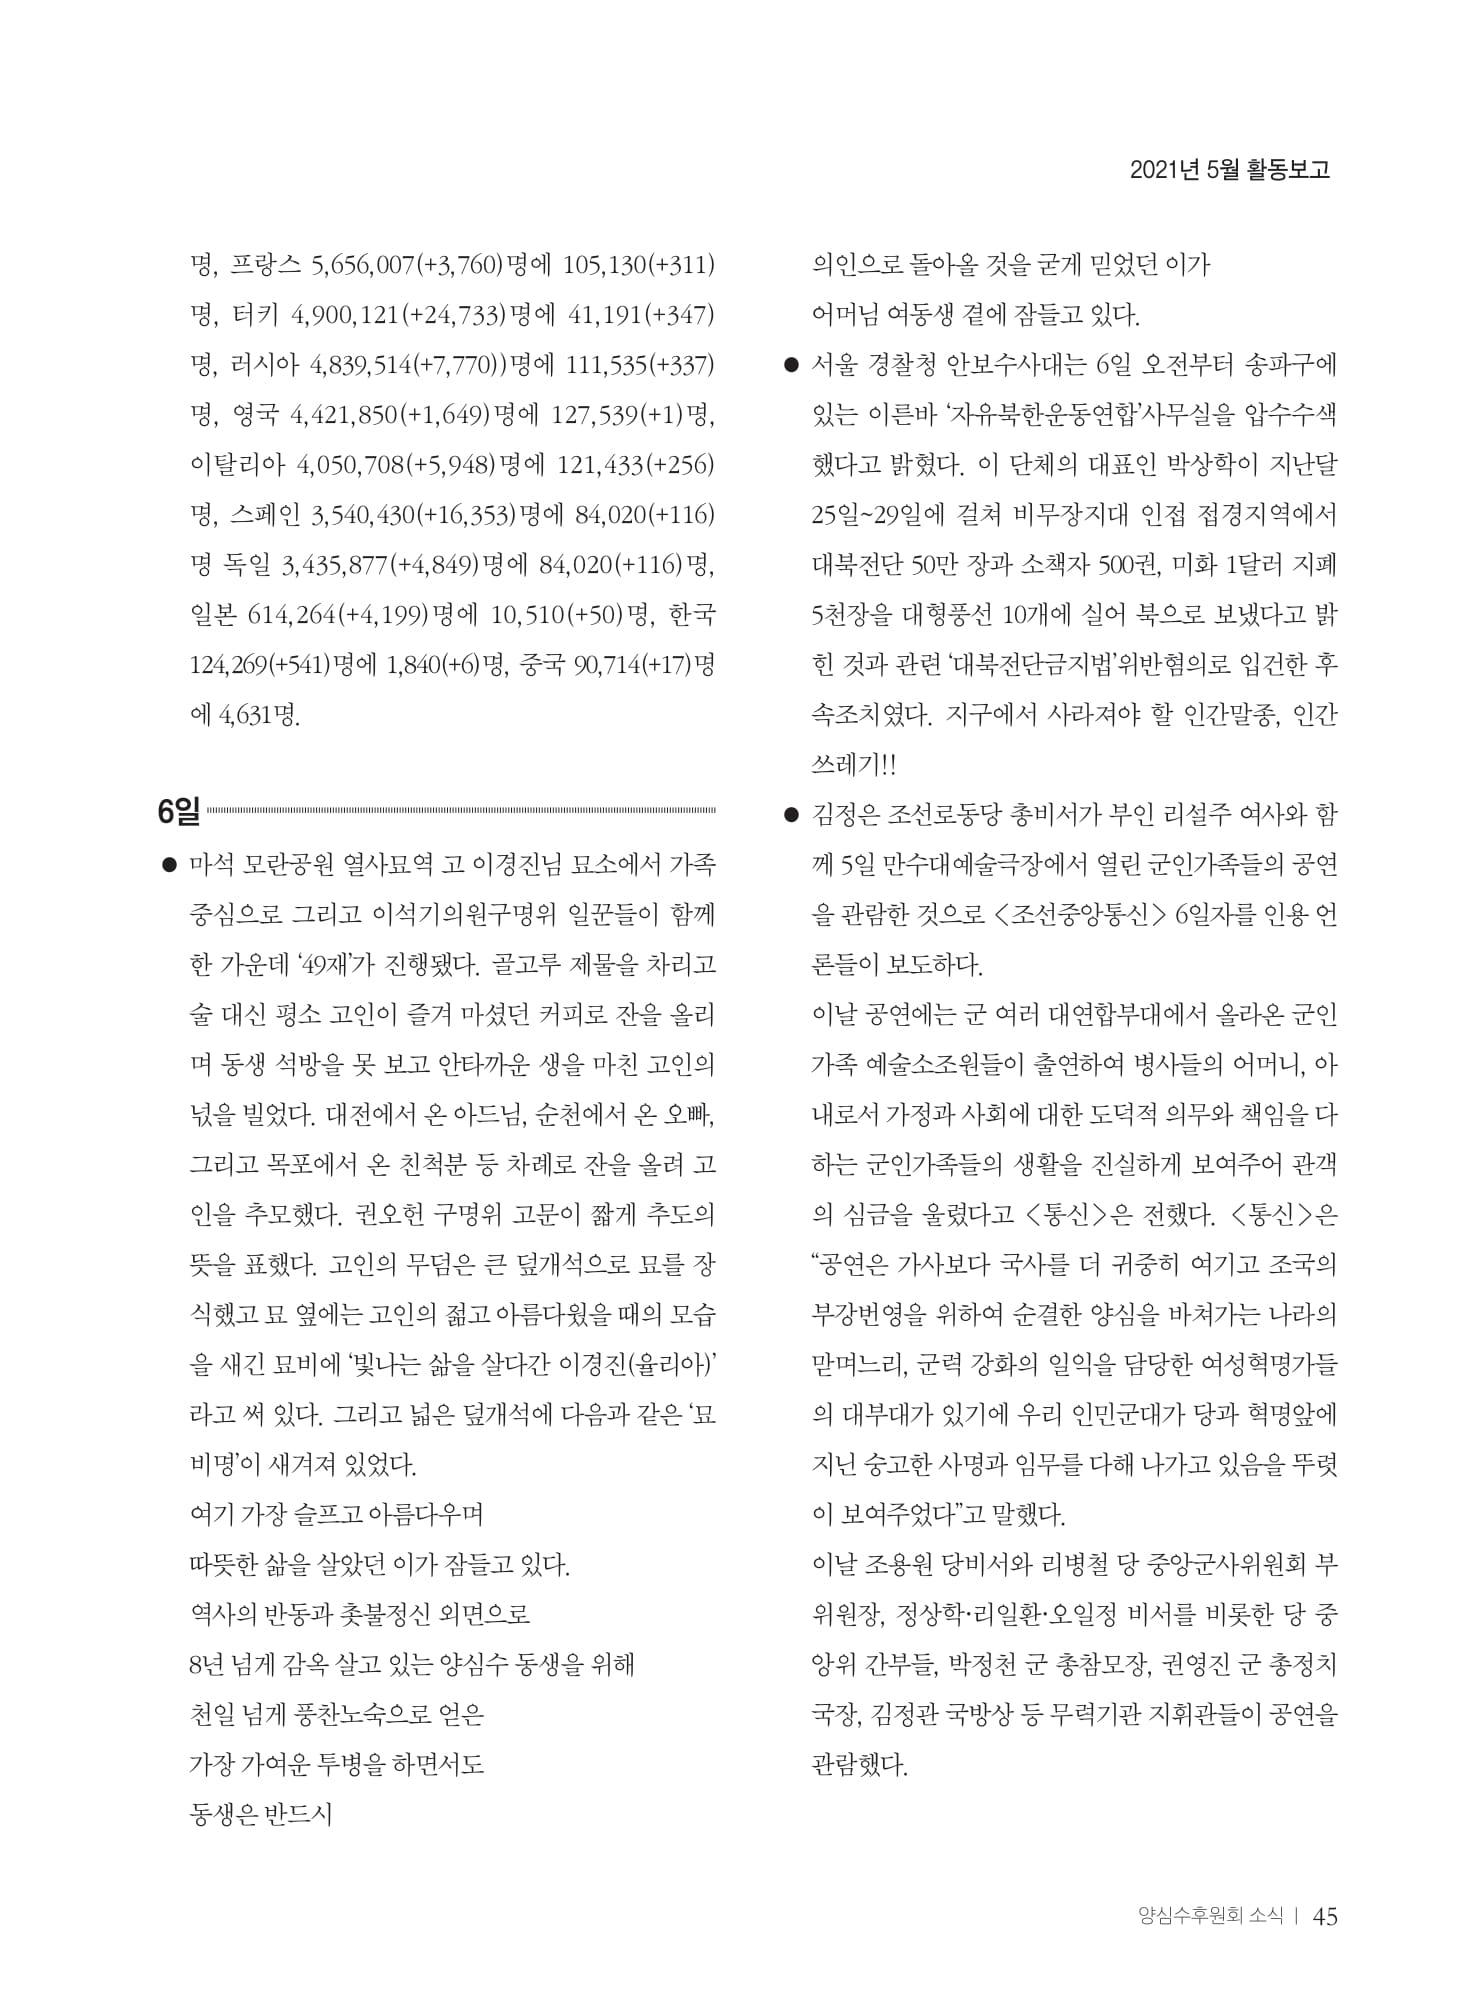 [양심수후원회] 소식지 354호 web 수정-47.jpg